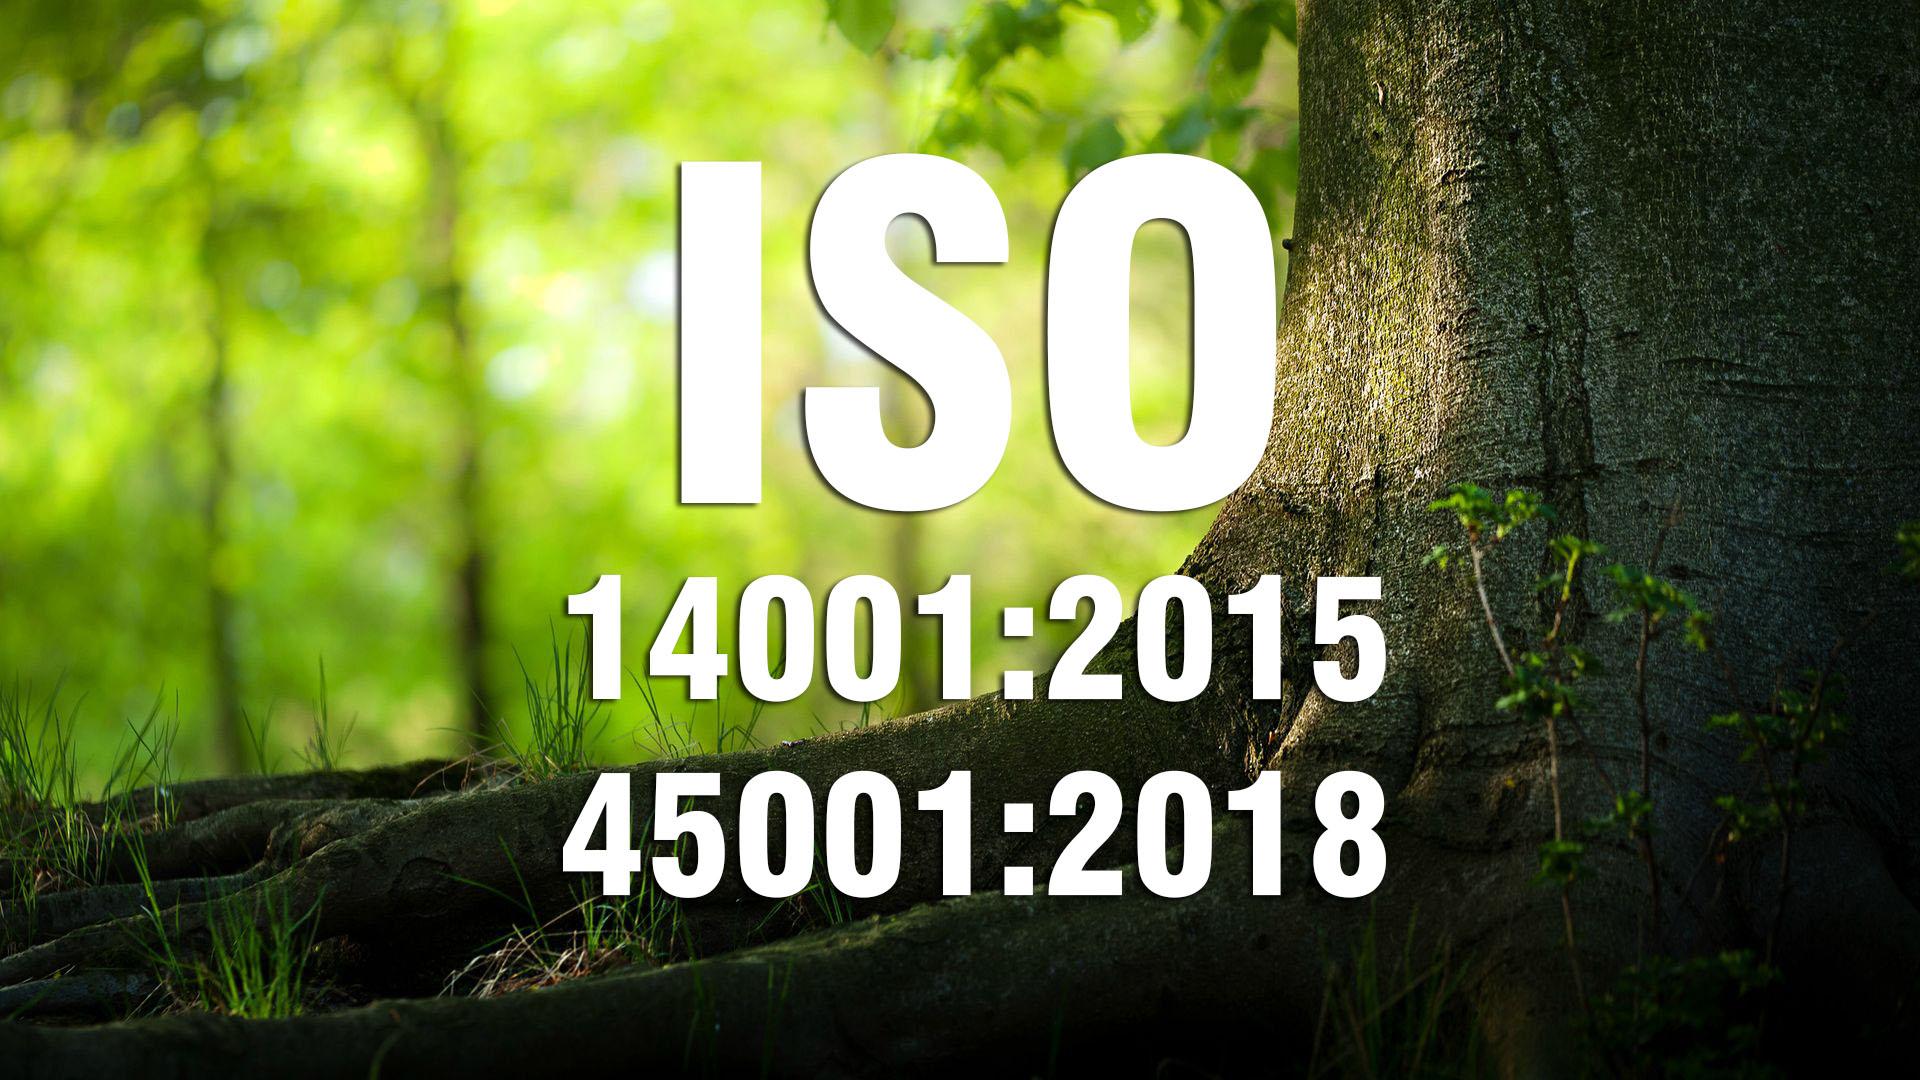 ĐÁNH GIÁ VIÊN NỘI BỘ TIÊU CHUẨN  ISO 14001:2015 & ISO 45001:2018 (Cấp 3)